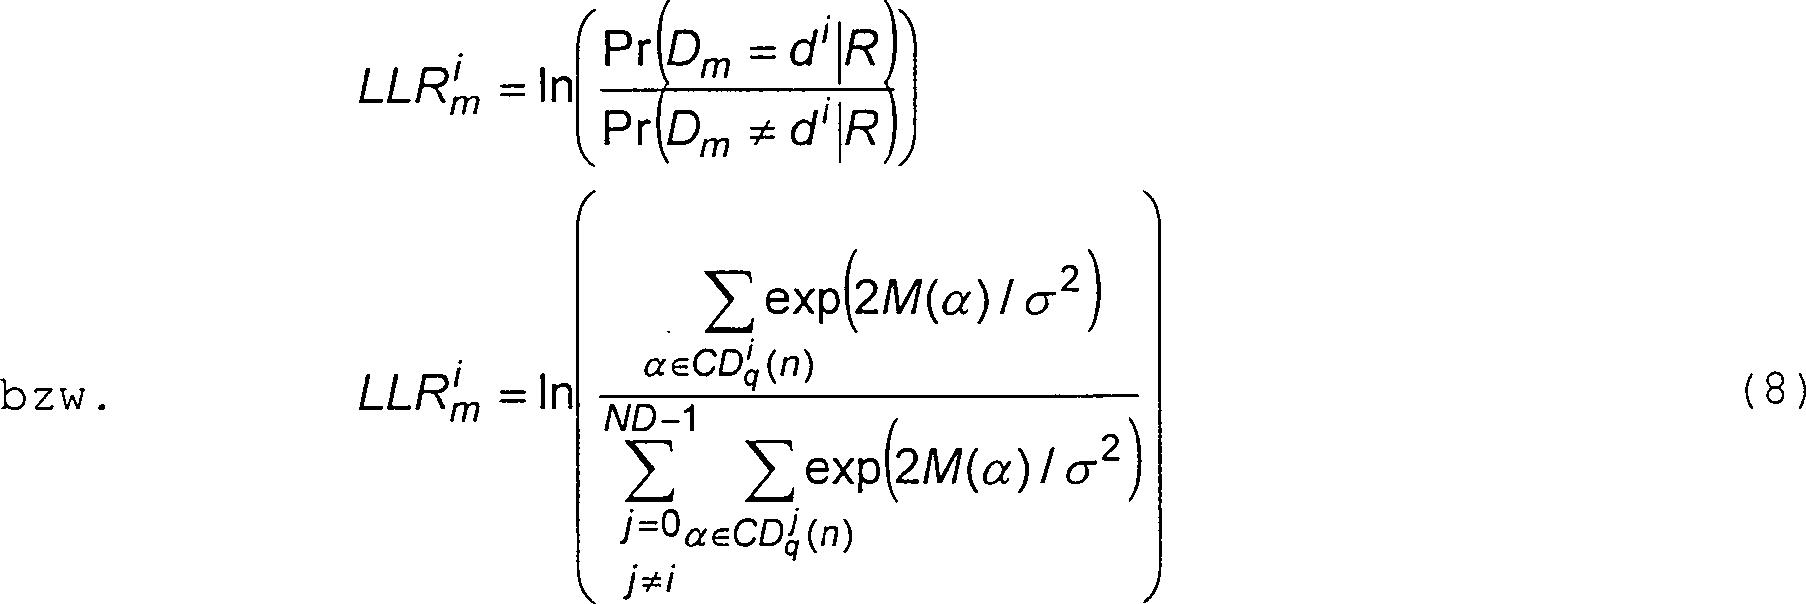 Gemütlich Ieee Schematische Symbole Fotos - Schaltplan Serie Circuit ...